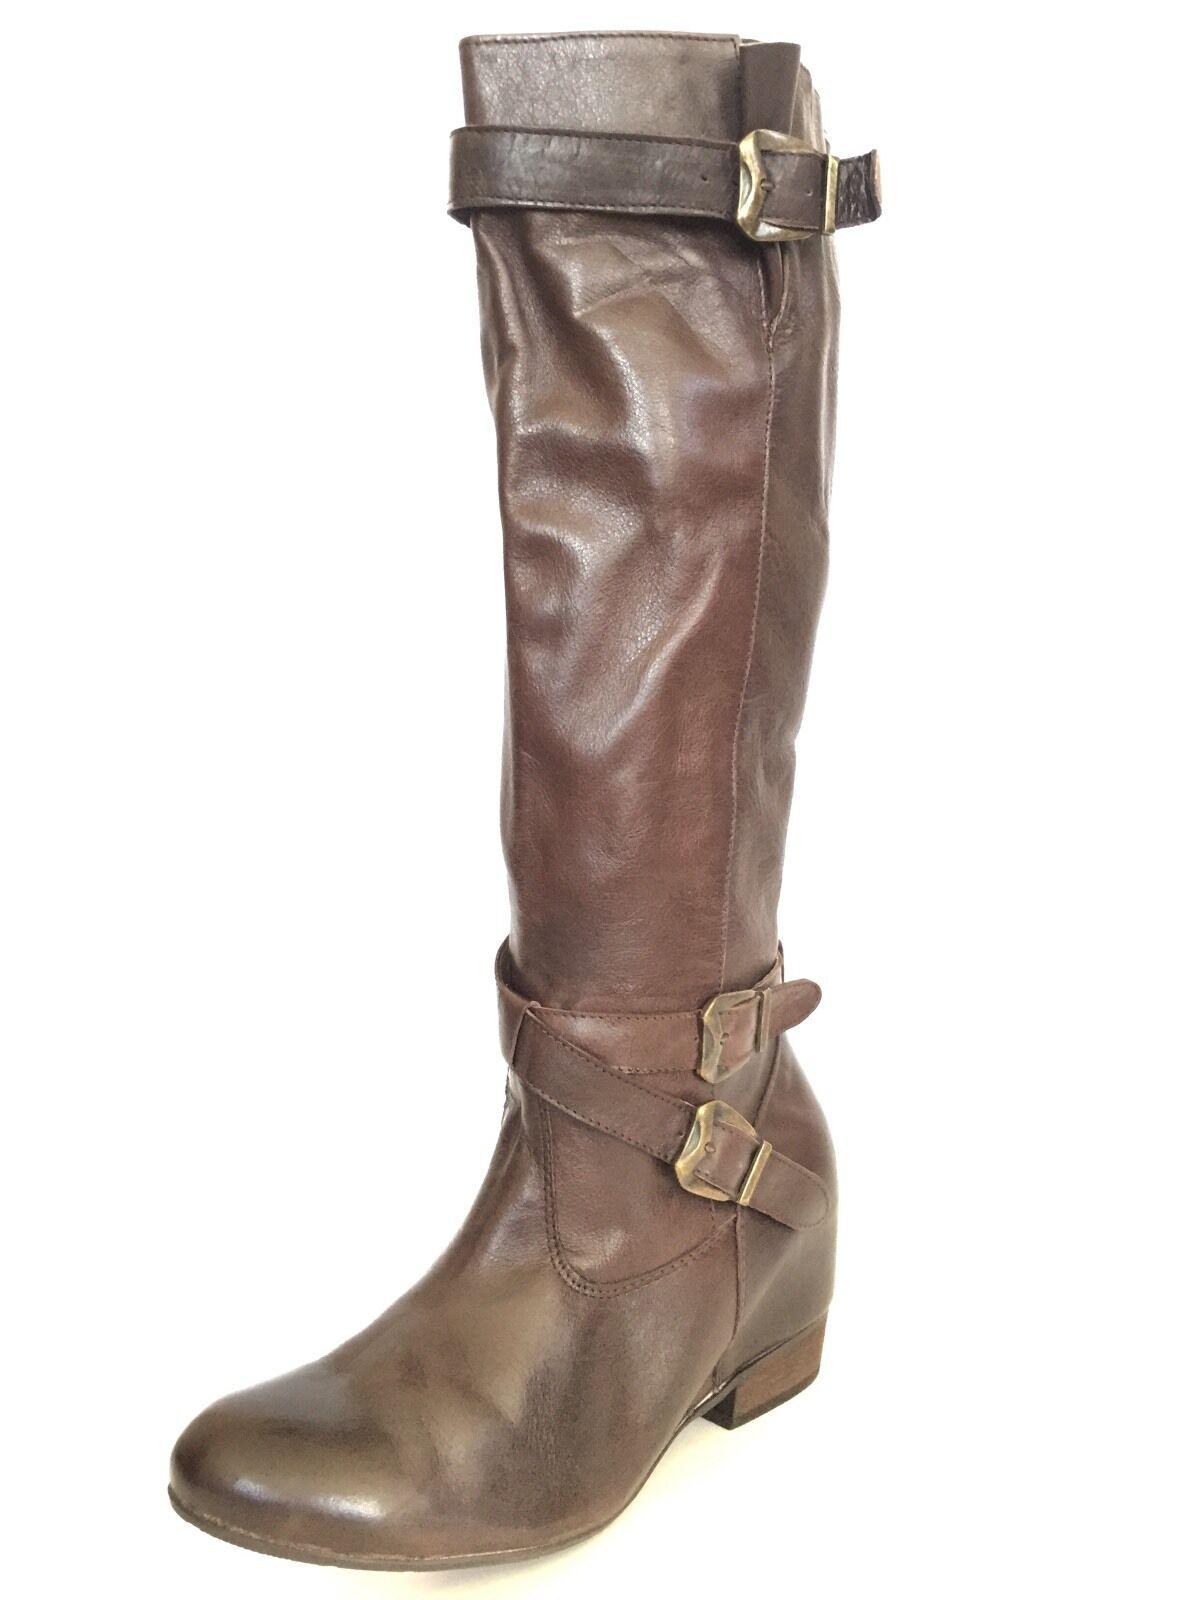 200 NEU MIZ MOOZ 'West' Damenschuhe Braun Leder Riding Stiefel Schuhes Größe 11 M